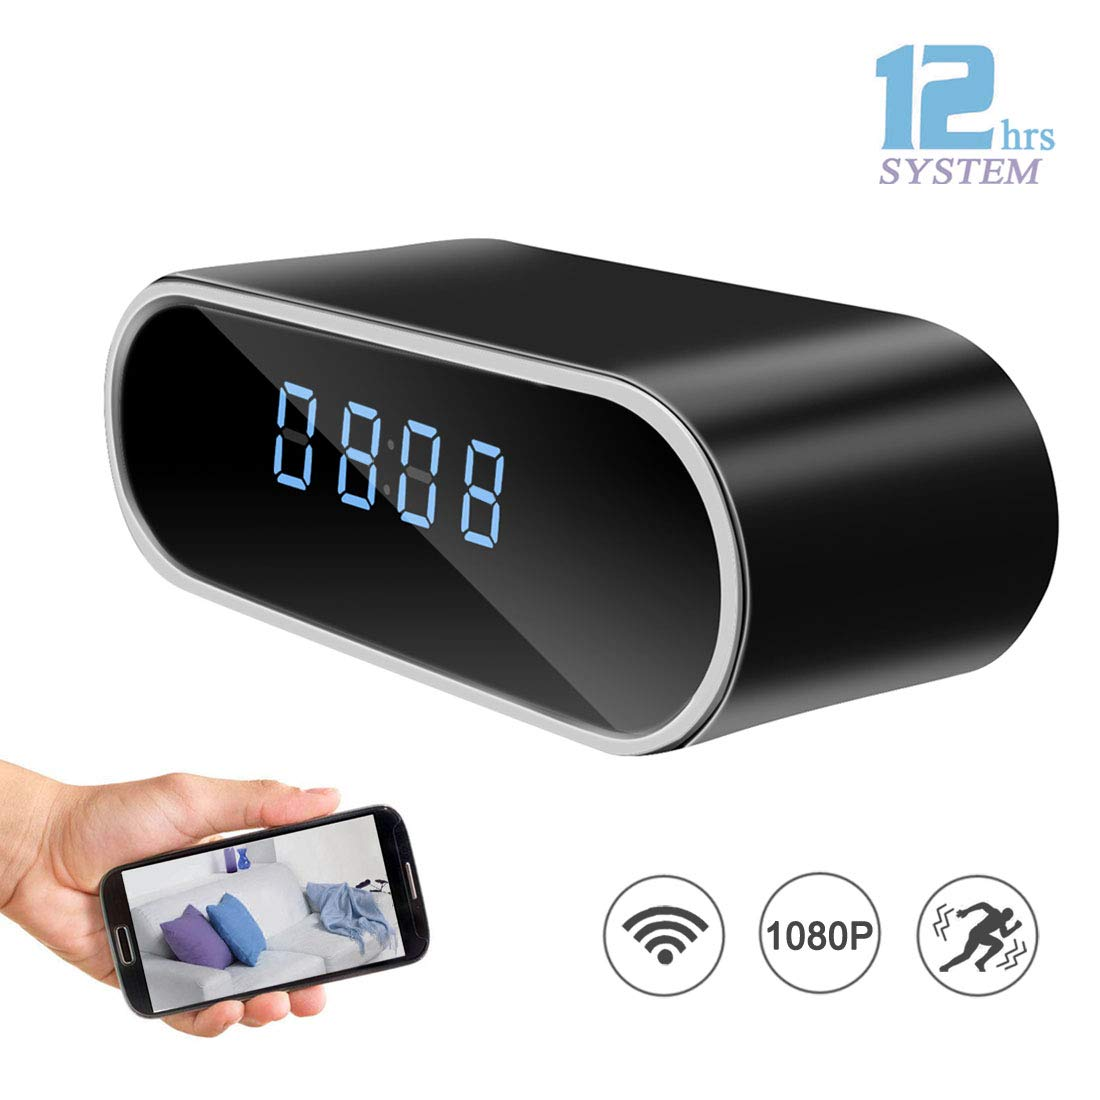 DareTang HD 1080P WiFi Hidden Spy Camera Alarm Clock Night Vision/Motion Detection/Loop Recording Home Surveillance Cameras by DareTang